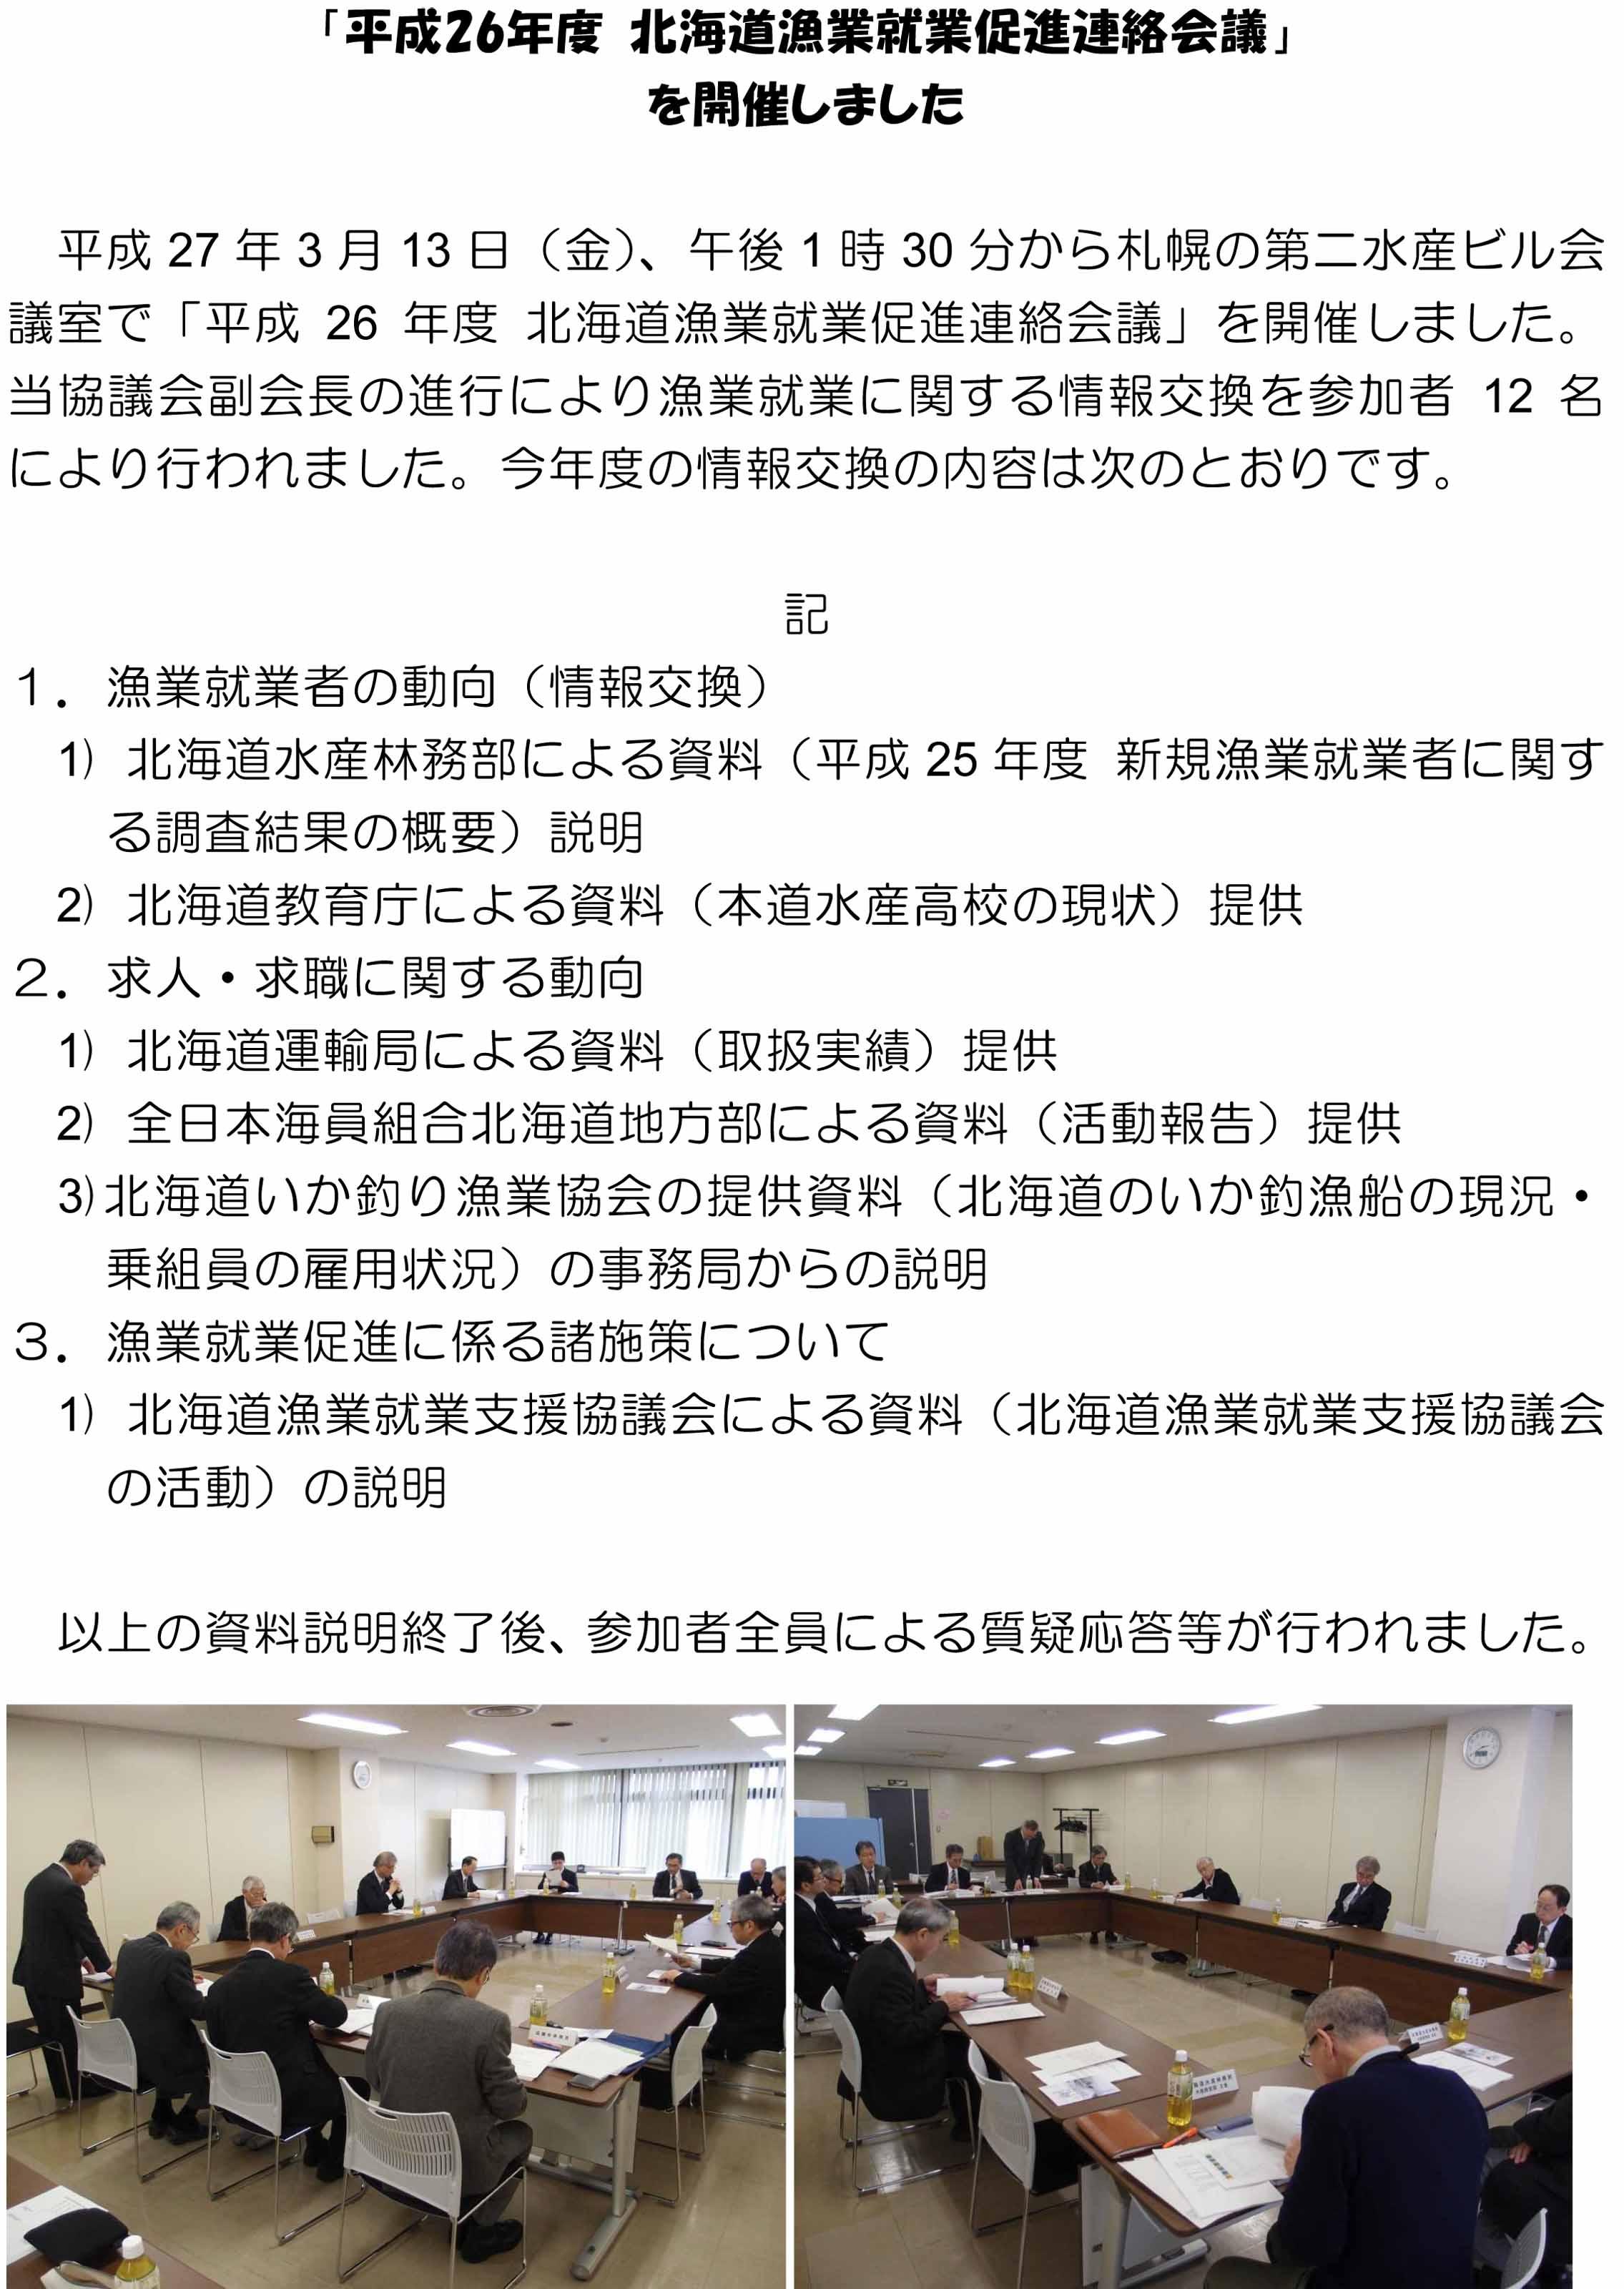 H26HP原稿(連絡会議)